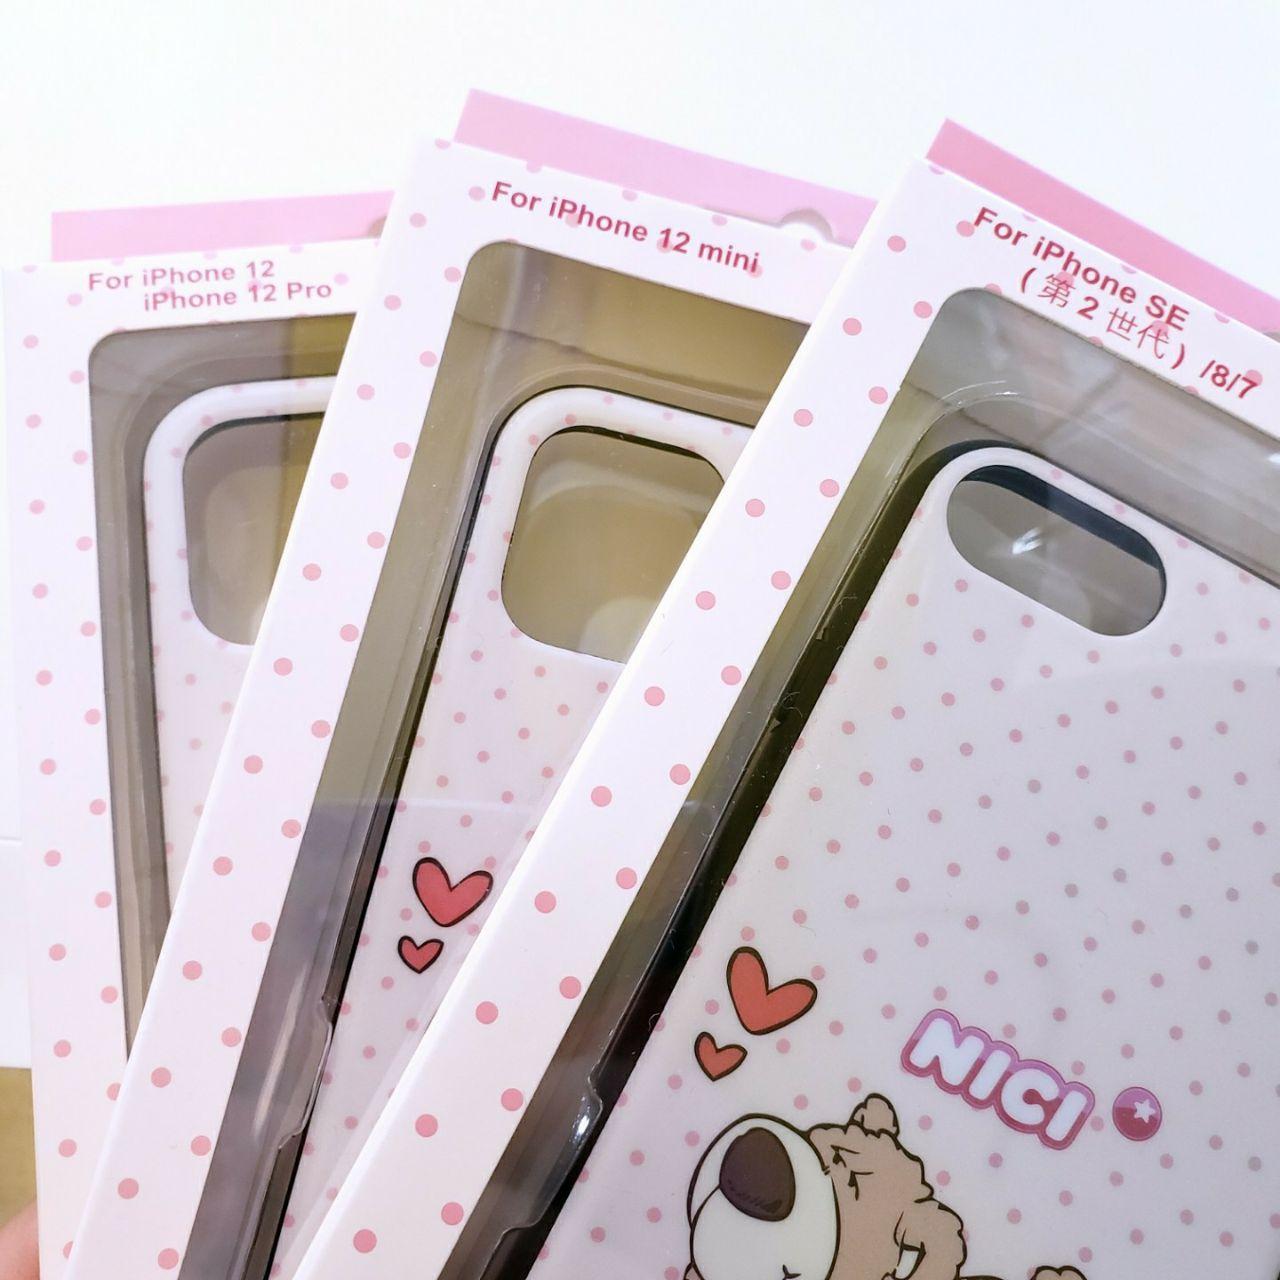 「新作!NICI iphoneケースが新登場☆【NICI iphoneスマホケース】」の写真